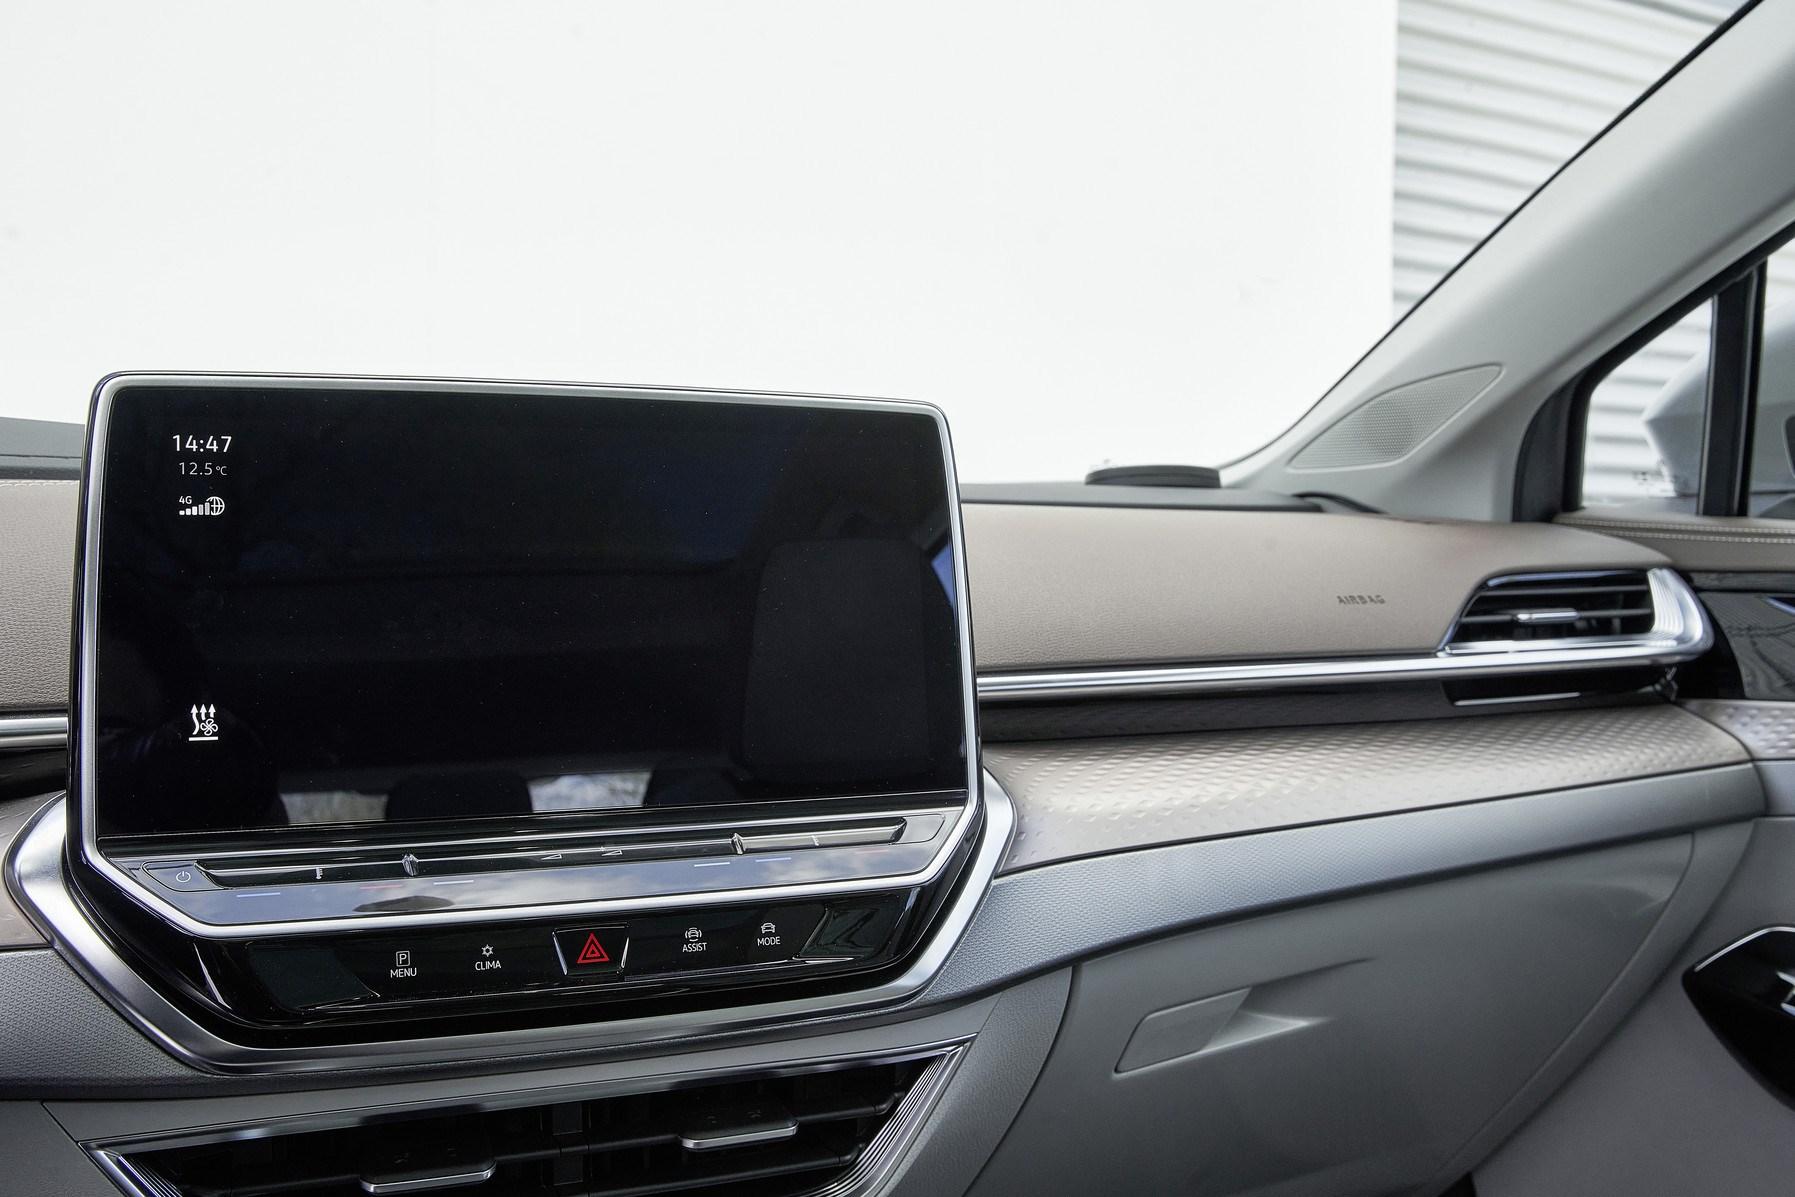 VWが電気自動車ブランドの第3弾となる「ID.6」を発表。中国向けの6~7人乗りSUVでシリーズ最大